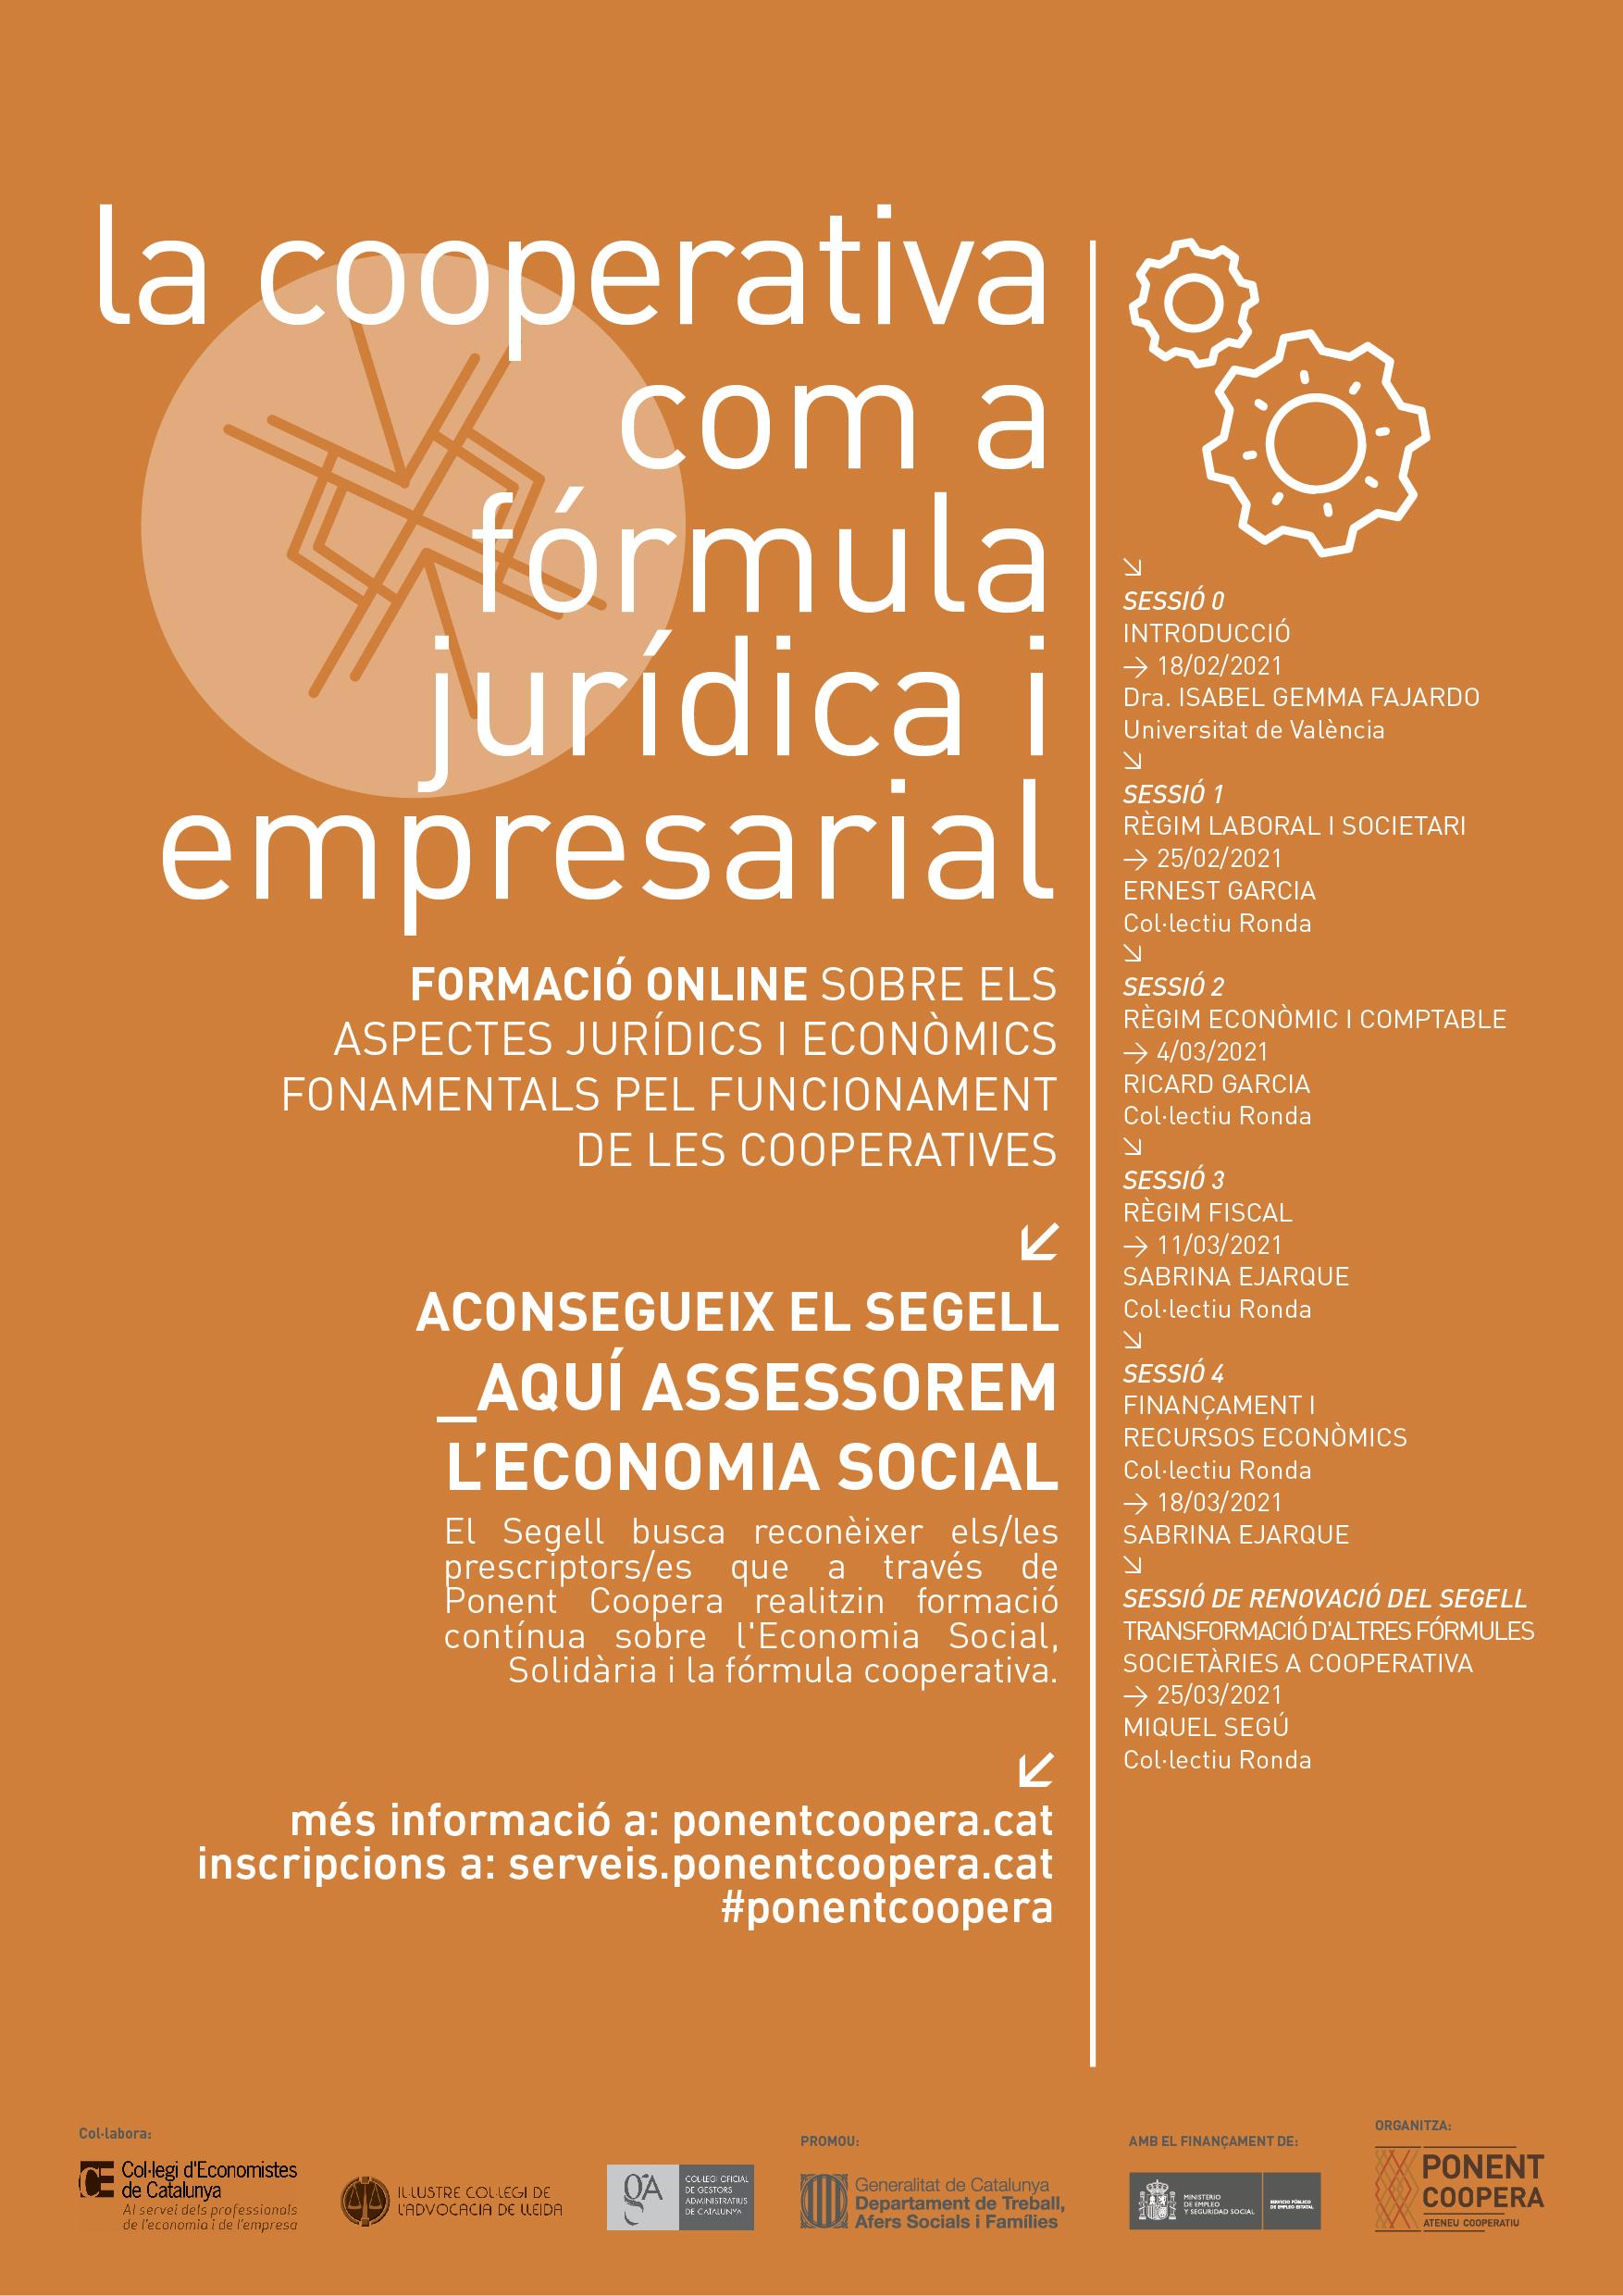 Formació La cooperativa com a fórmula jurídica i empresarial. Sessió de renovació del segell